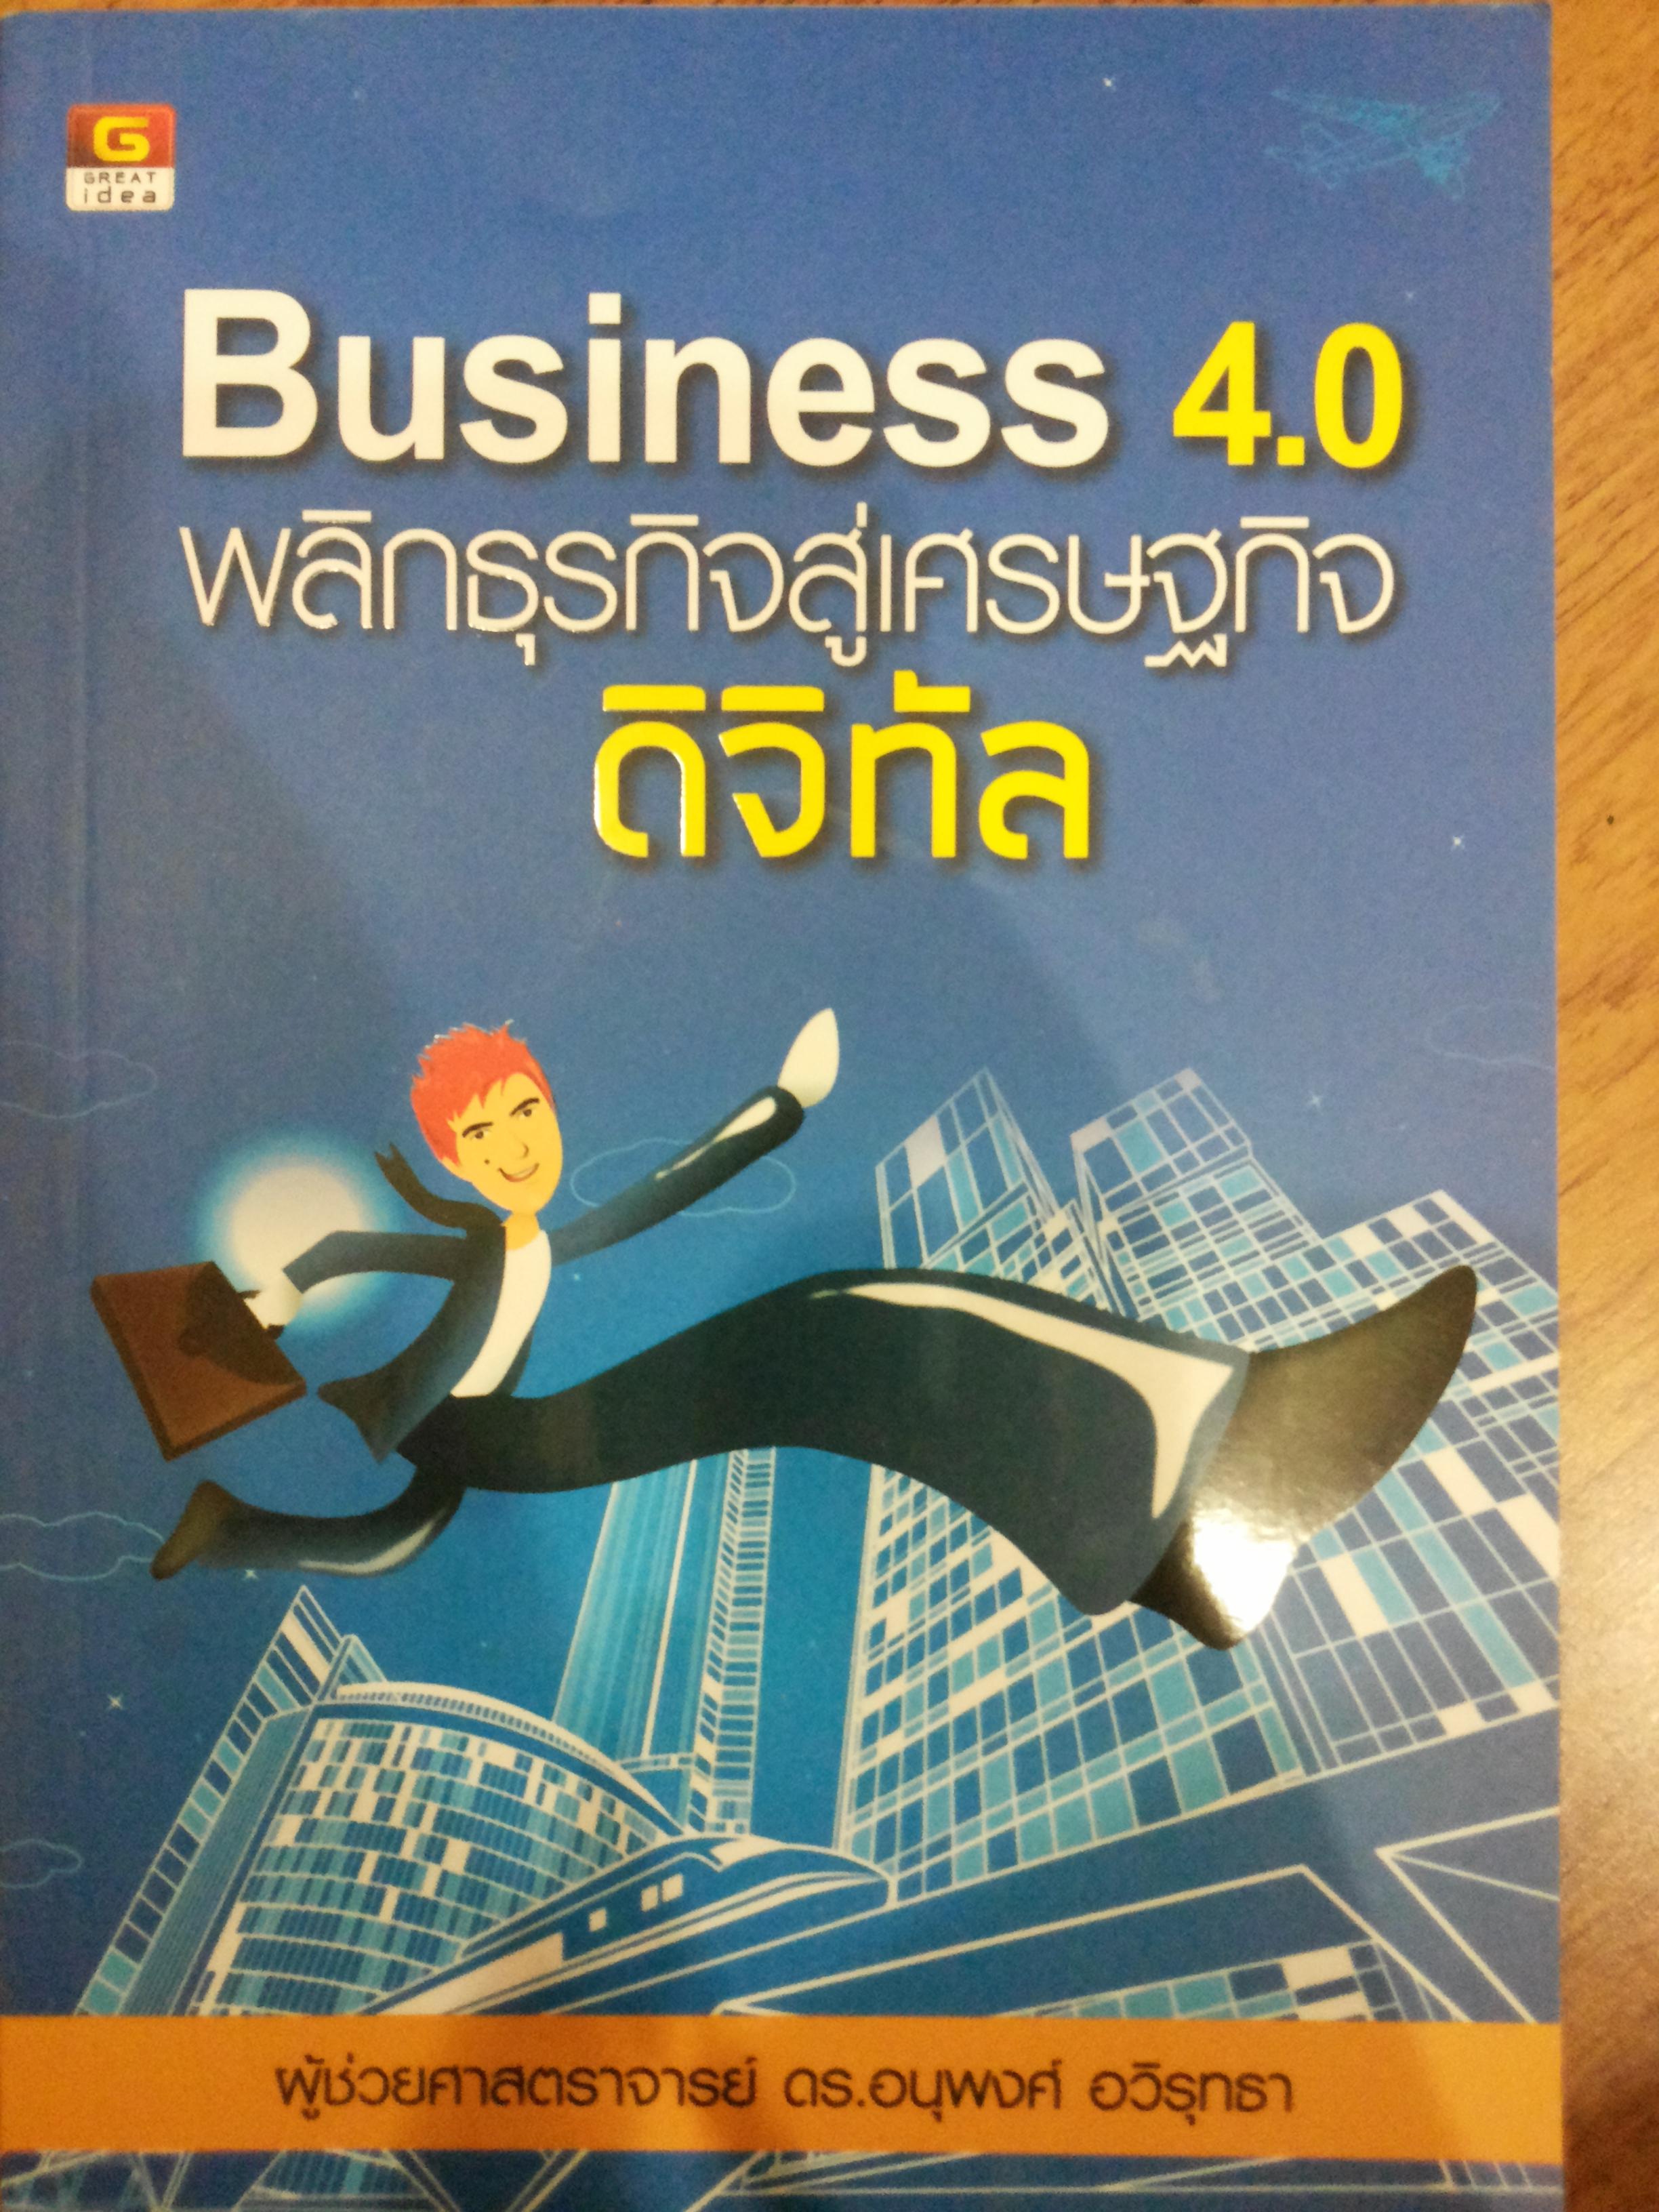 Business 4.0 พลิกธุรกิจสู่เศรษฐกิจดิจิตอล